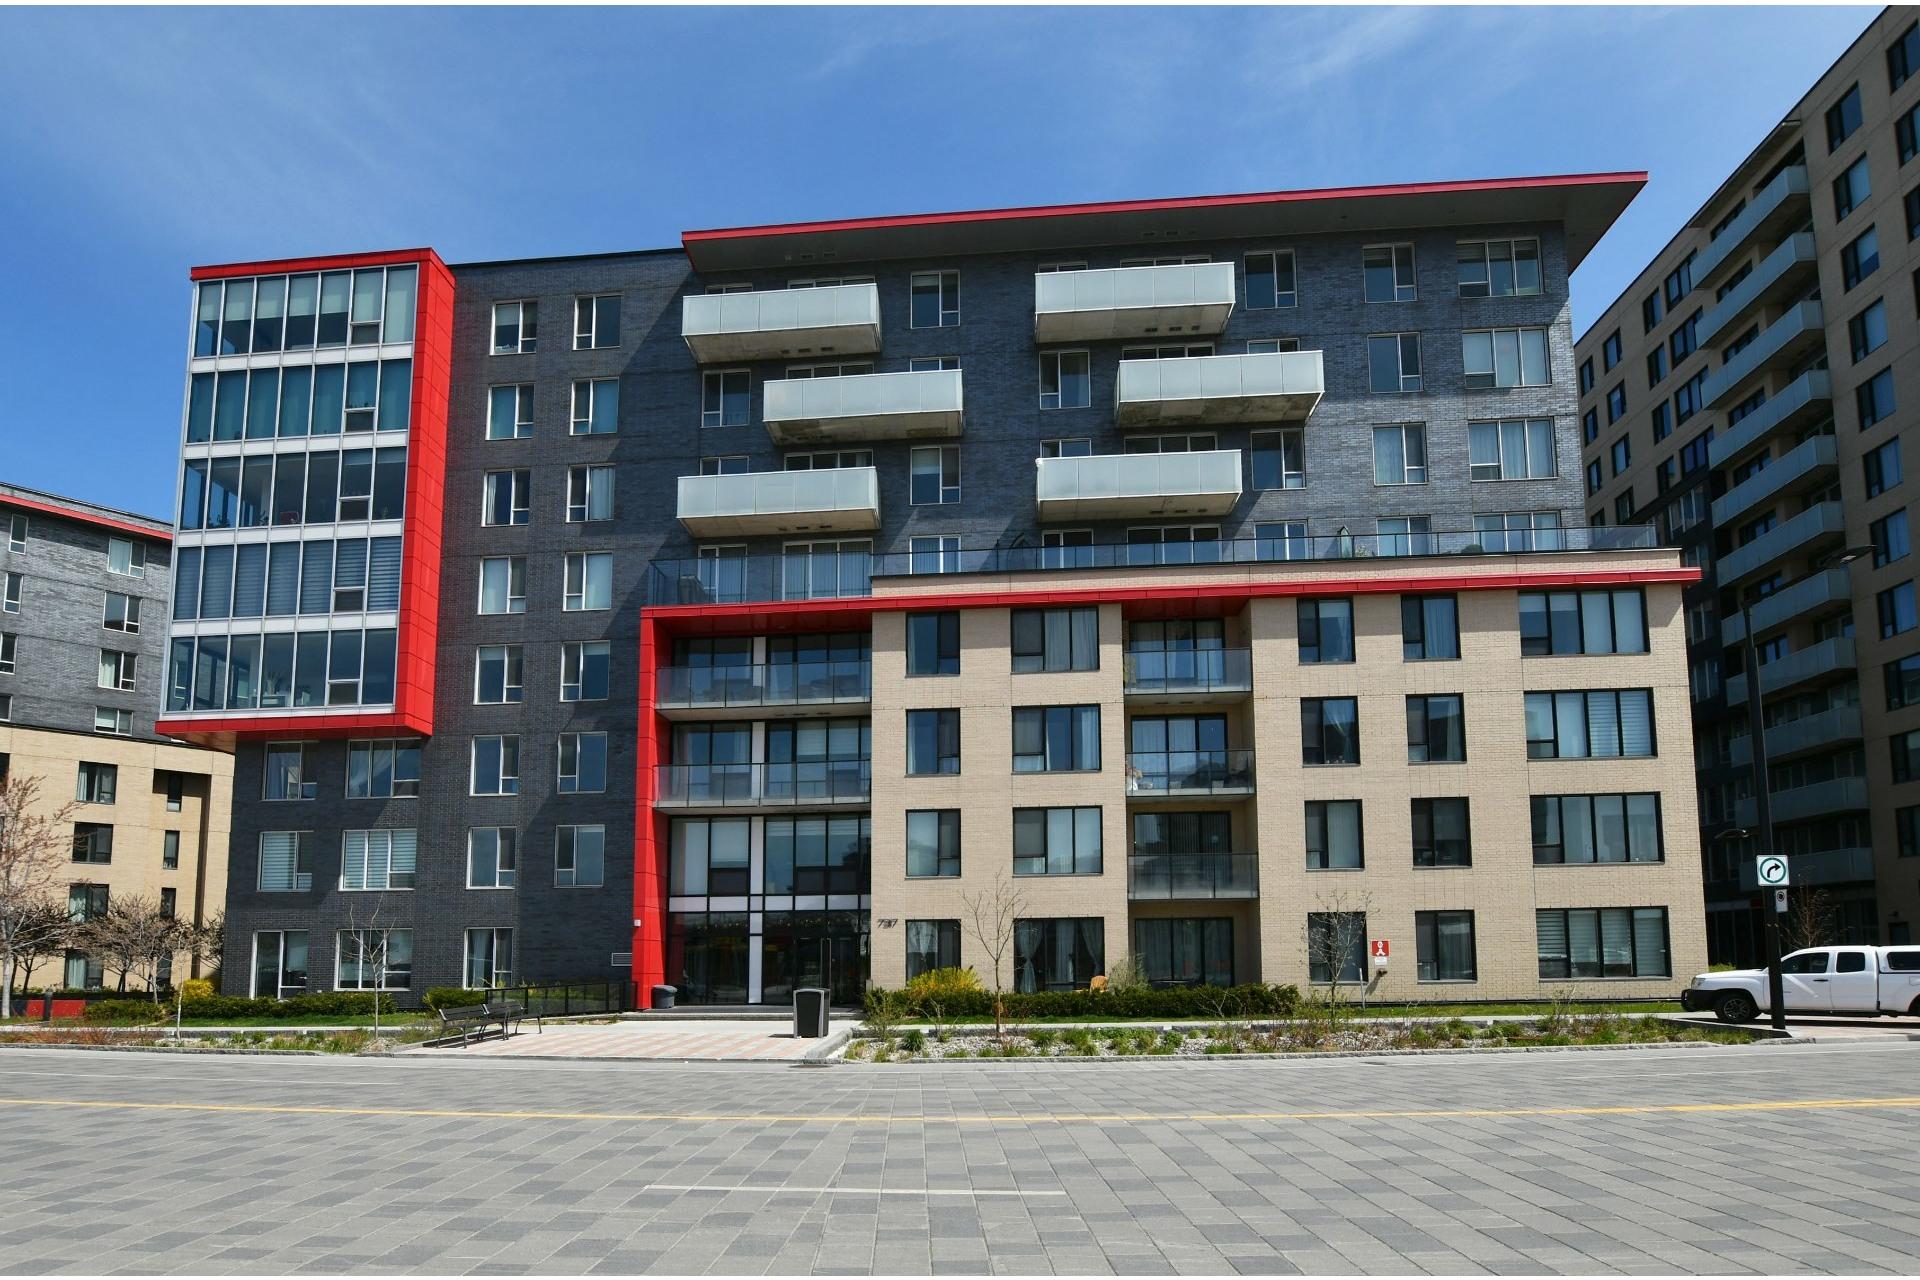 image 24 - Apartment For rent Côte-des-Neiges/Notre-Dame-de-Grâce Montréal  - 4 rooms